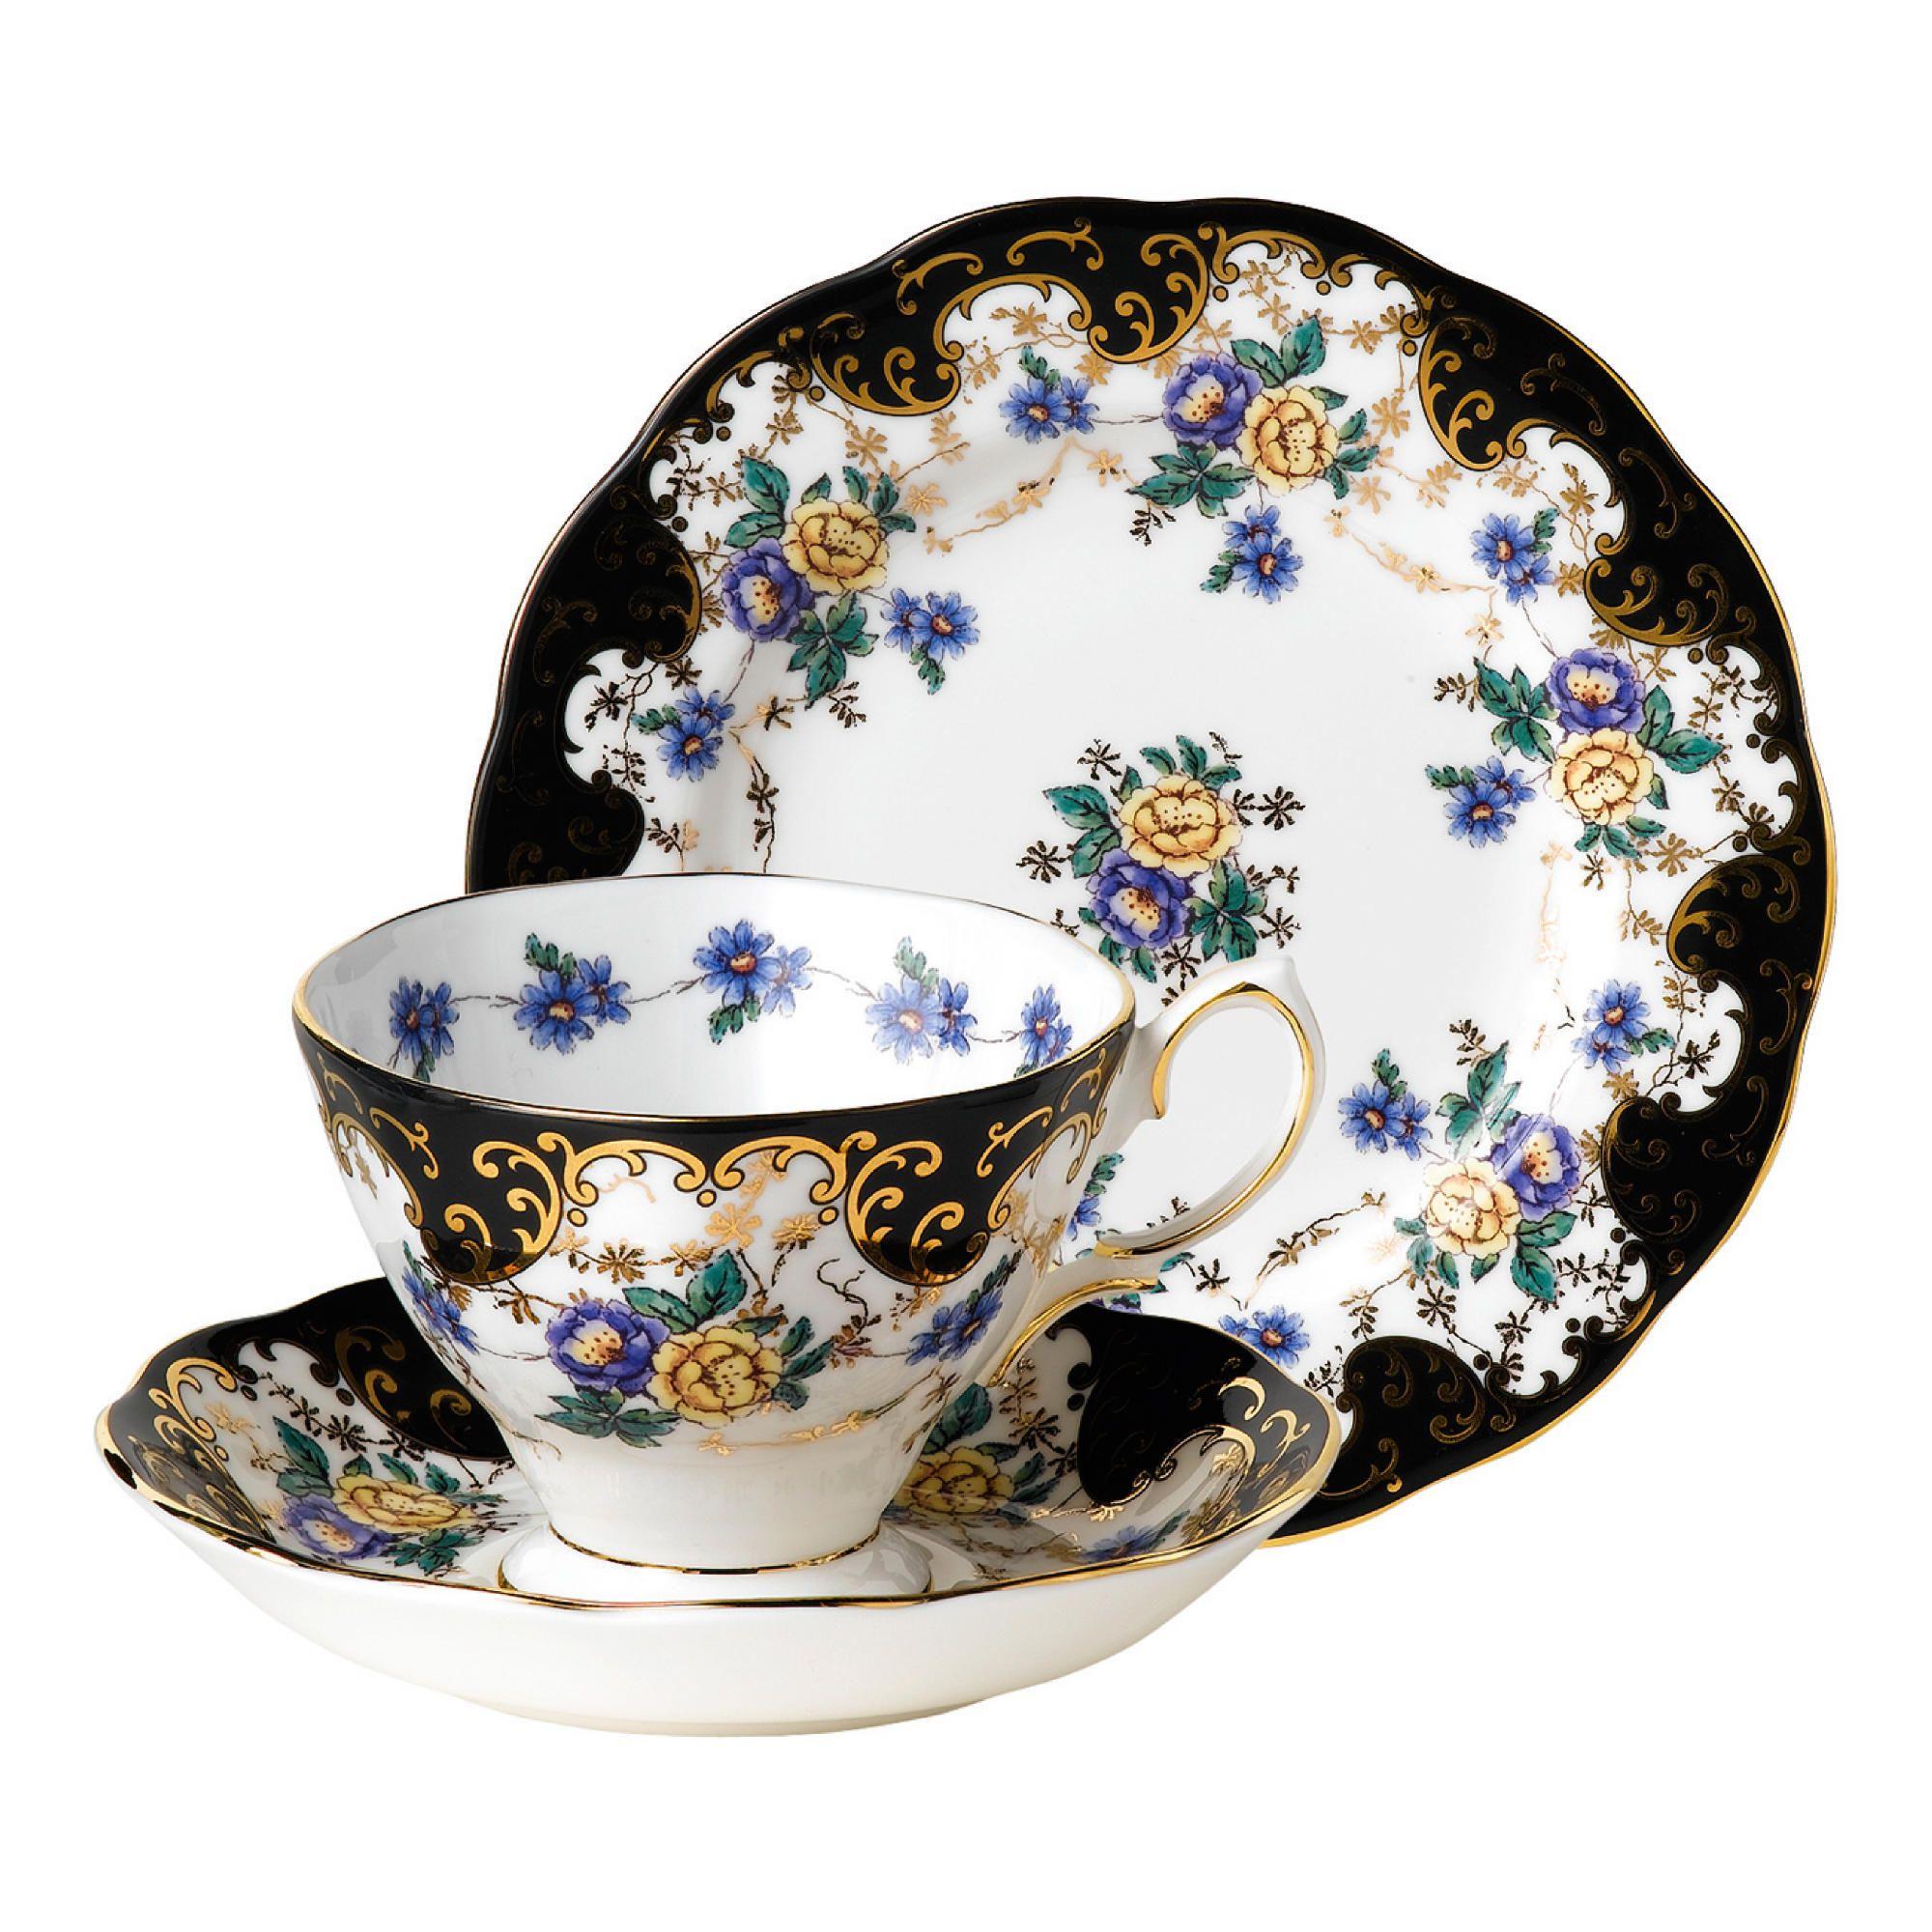 Royal Albert 1910 Duchess Tea Set